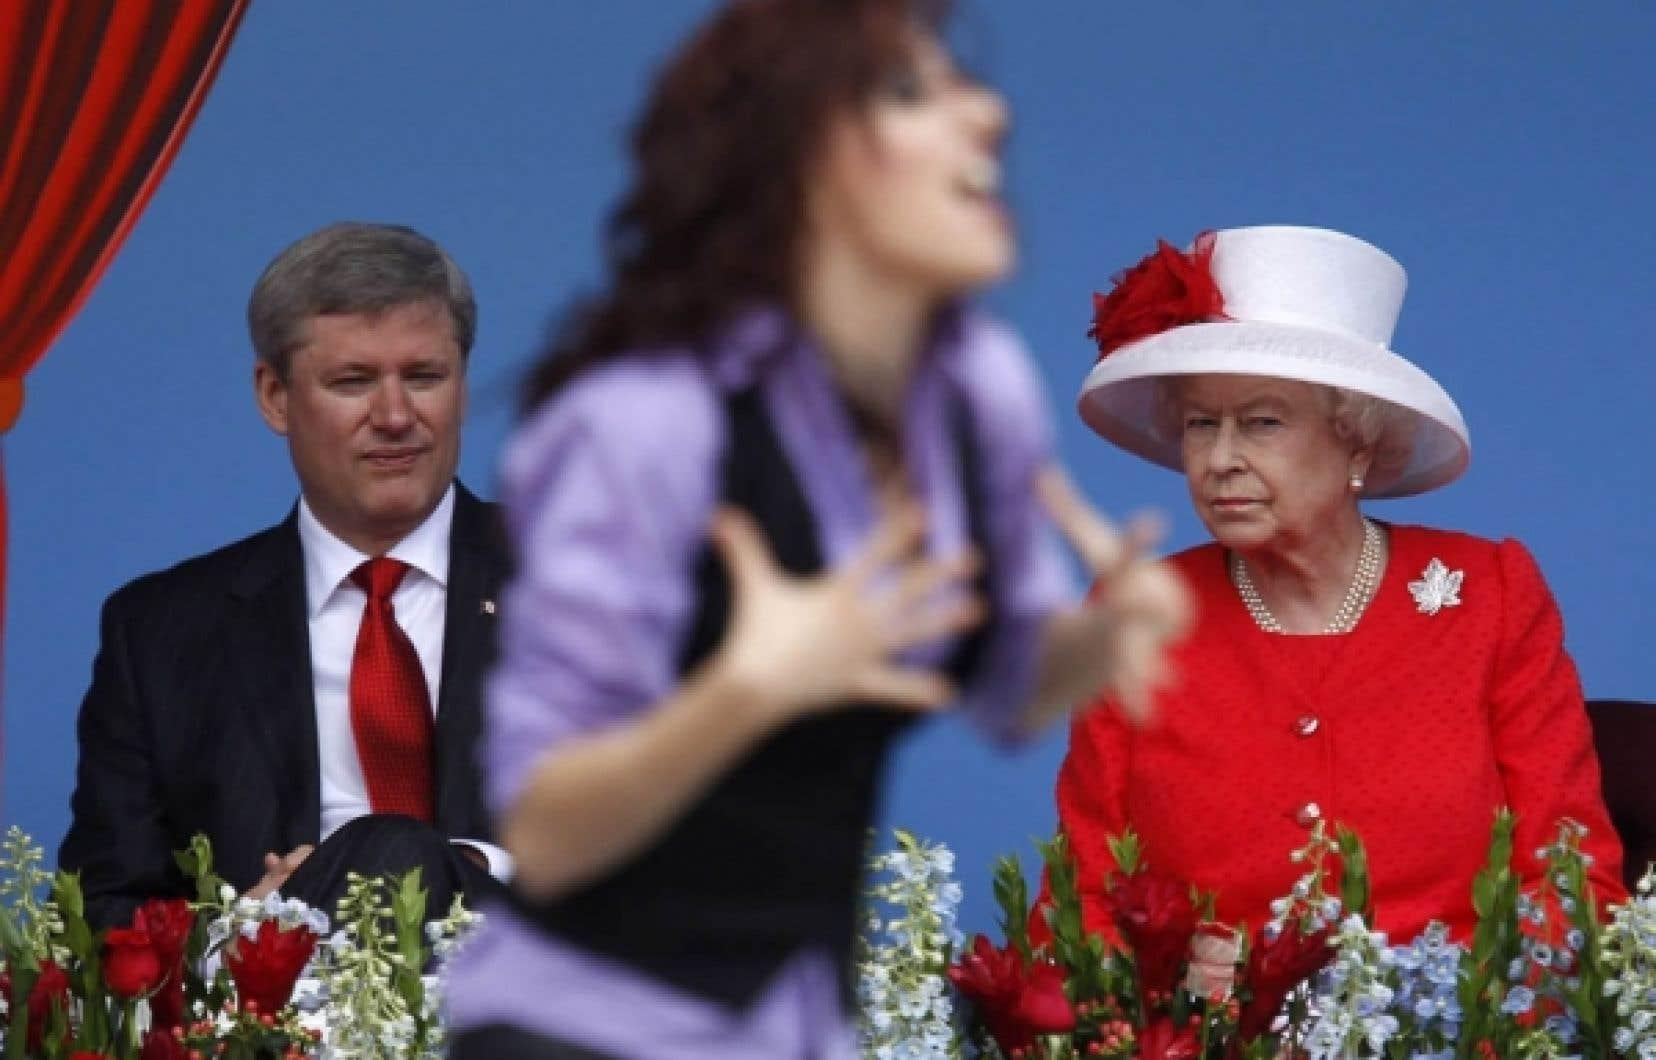 Le premier ministre, Stephen Harper, et la reine Elizabeth II observent une des invités au grand spectacle de la Fête du Canada.<br />